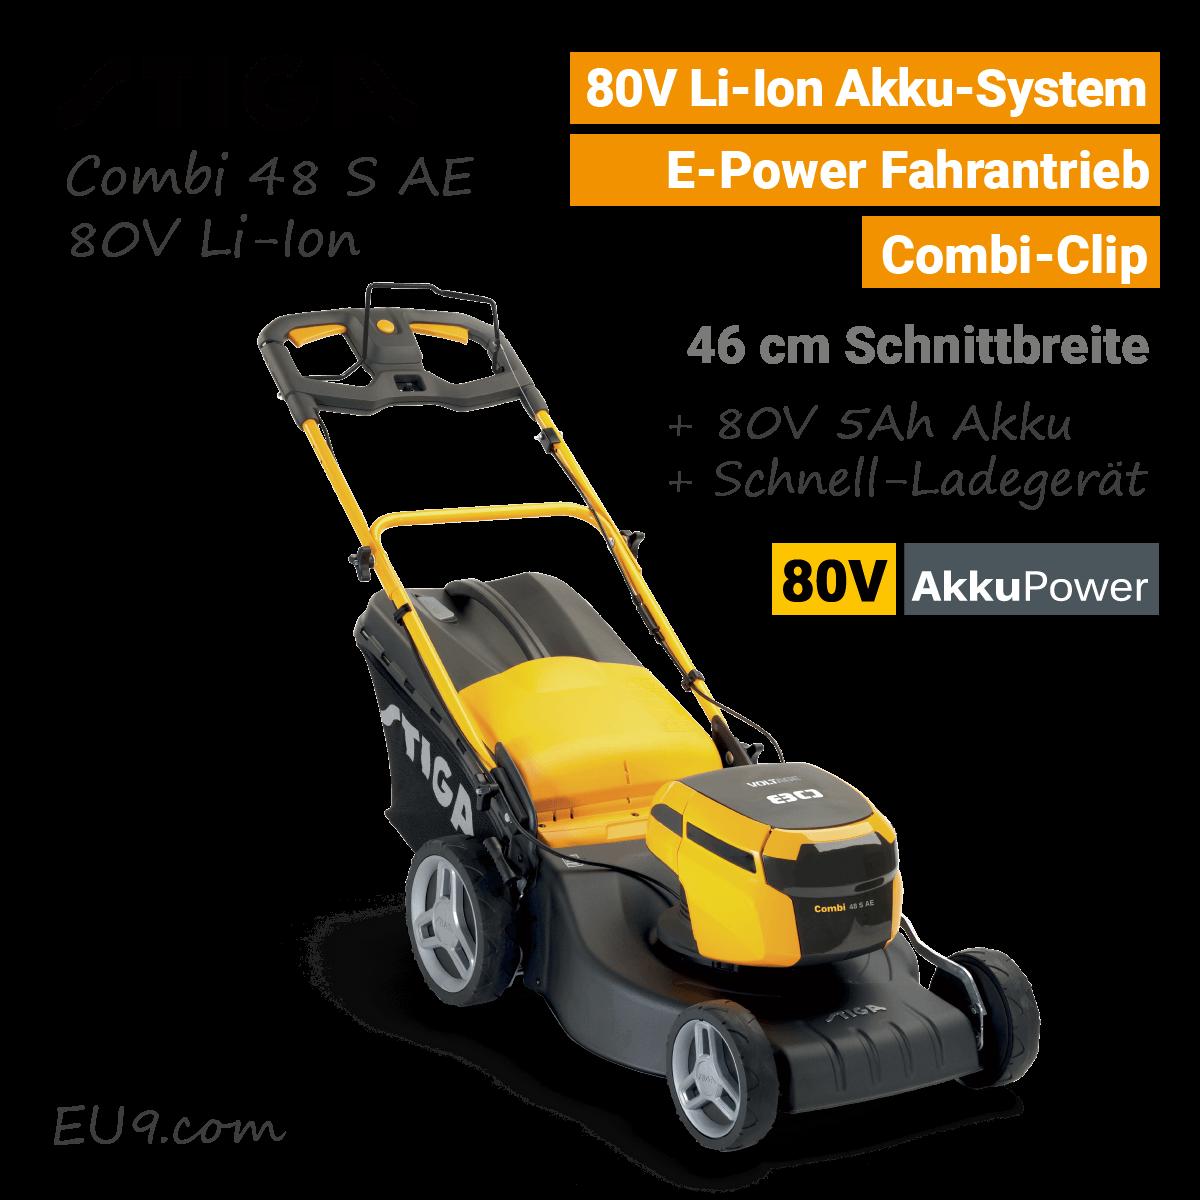 Stiga Combi 48 S AE 80V Akku Rasenmäher Rad Antrieb 80 Volt EU9